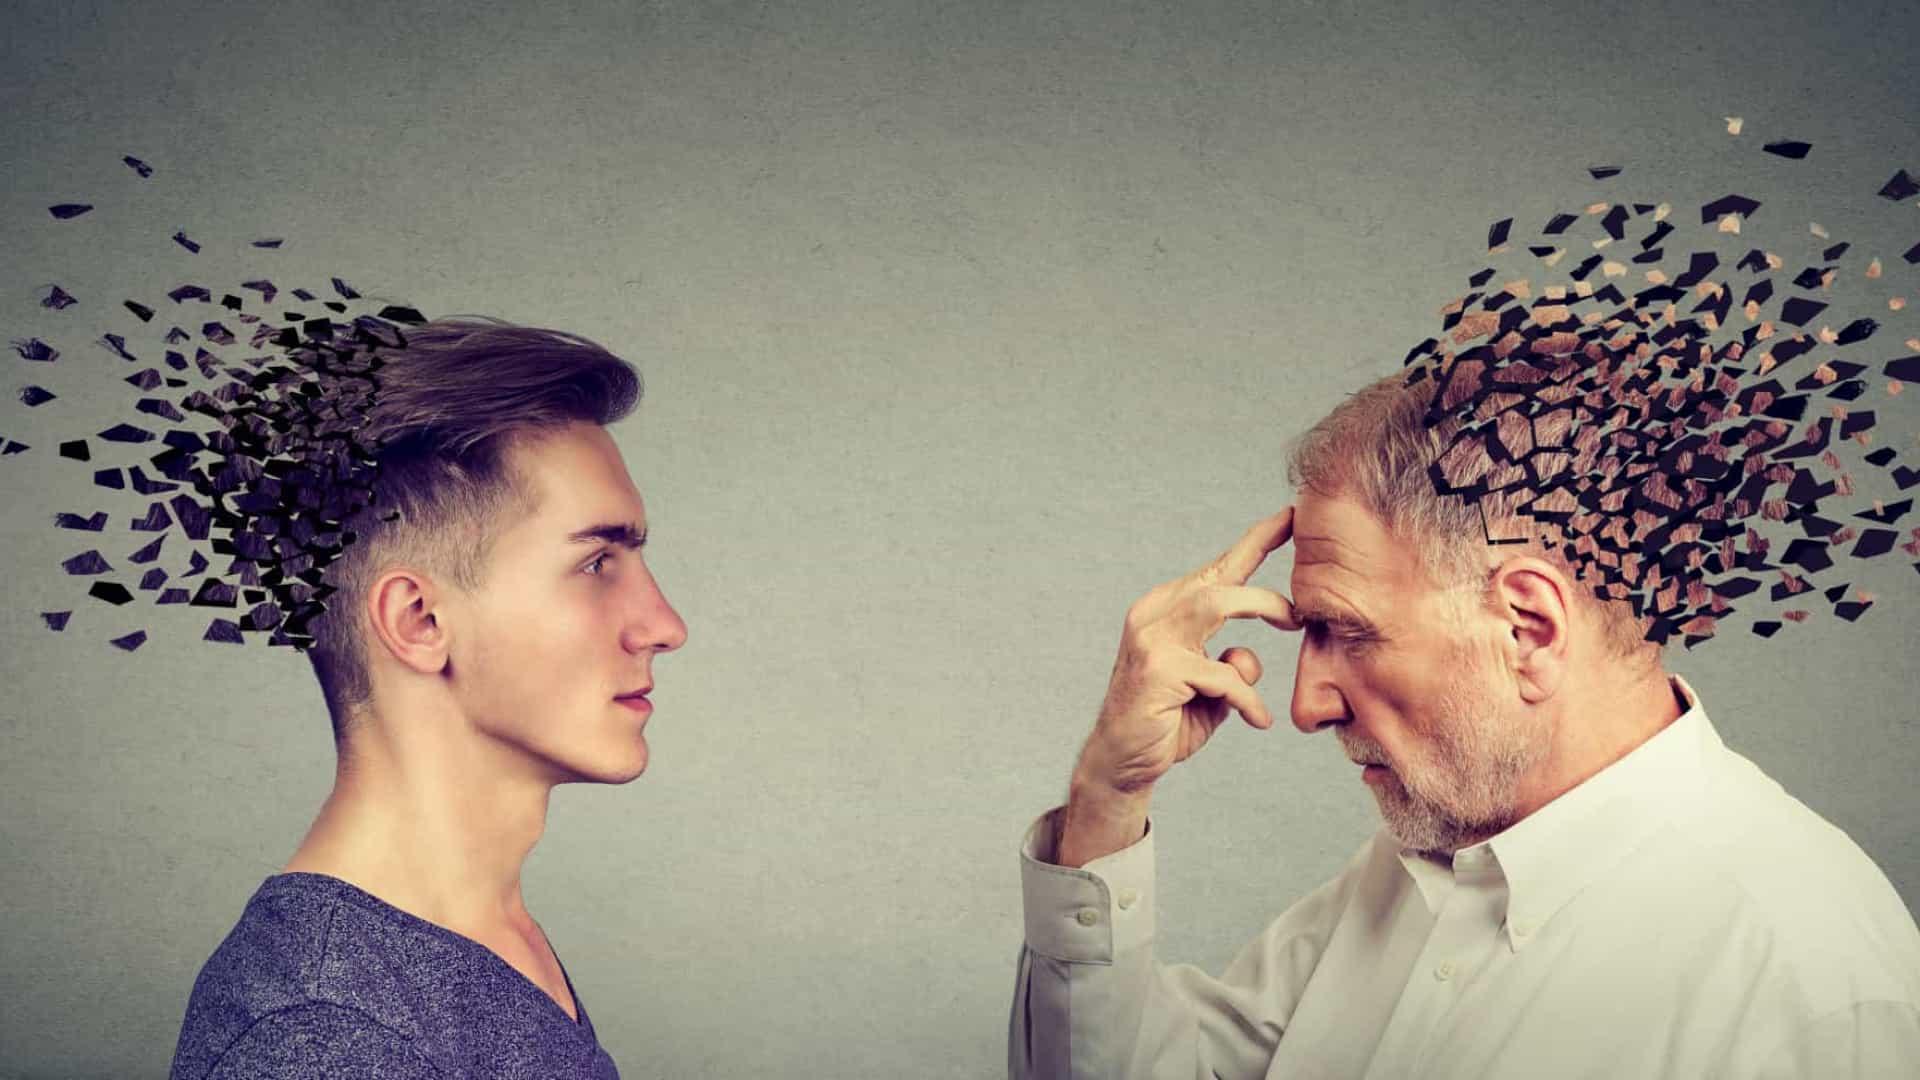 Os 10 principais fatores de risco para prevenção de Alzheimer